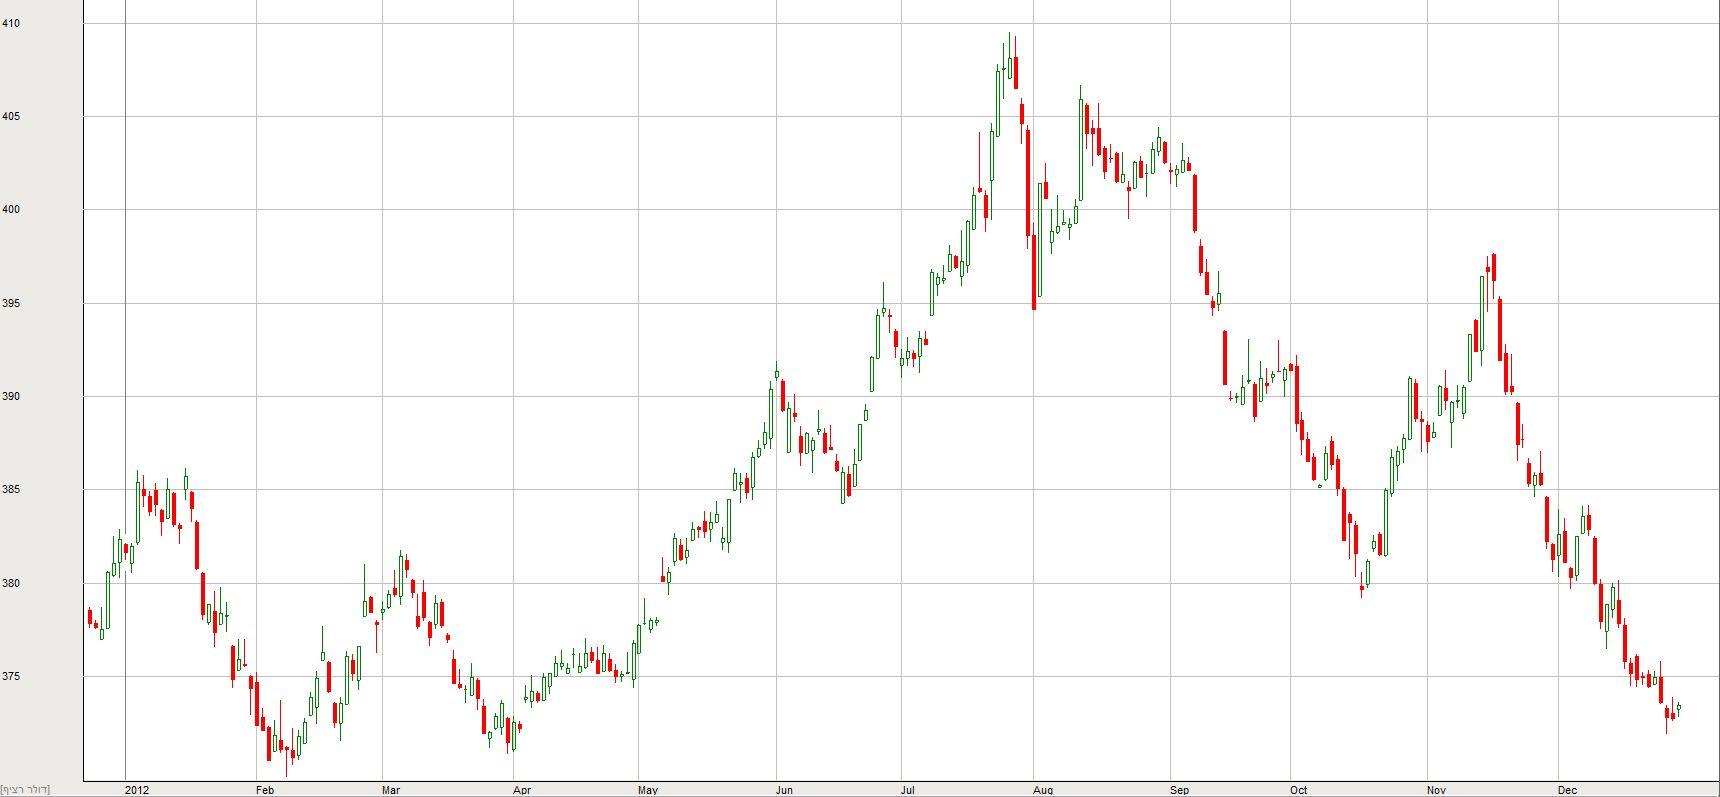 הדולר מול השקל מתחילת 2012